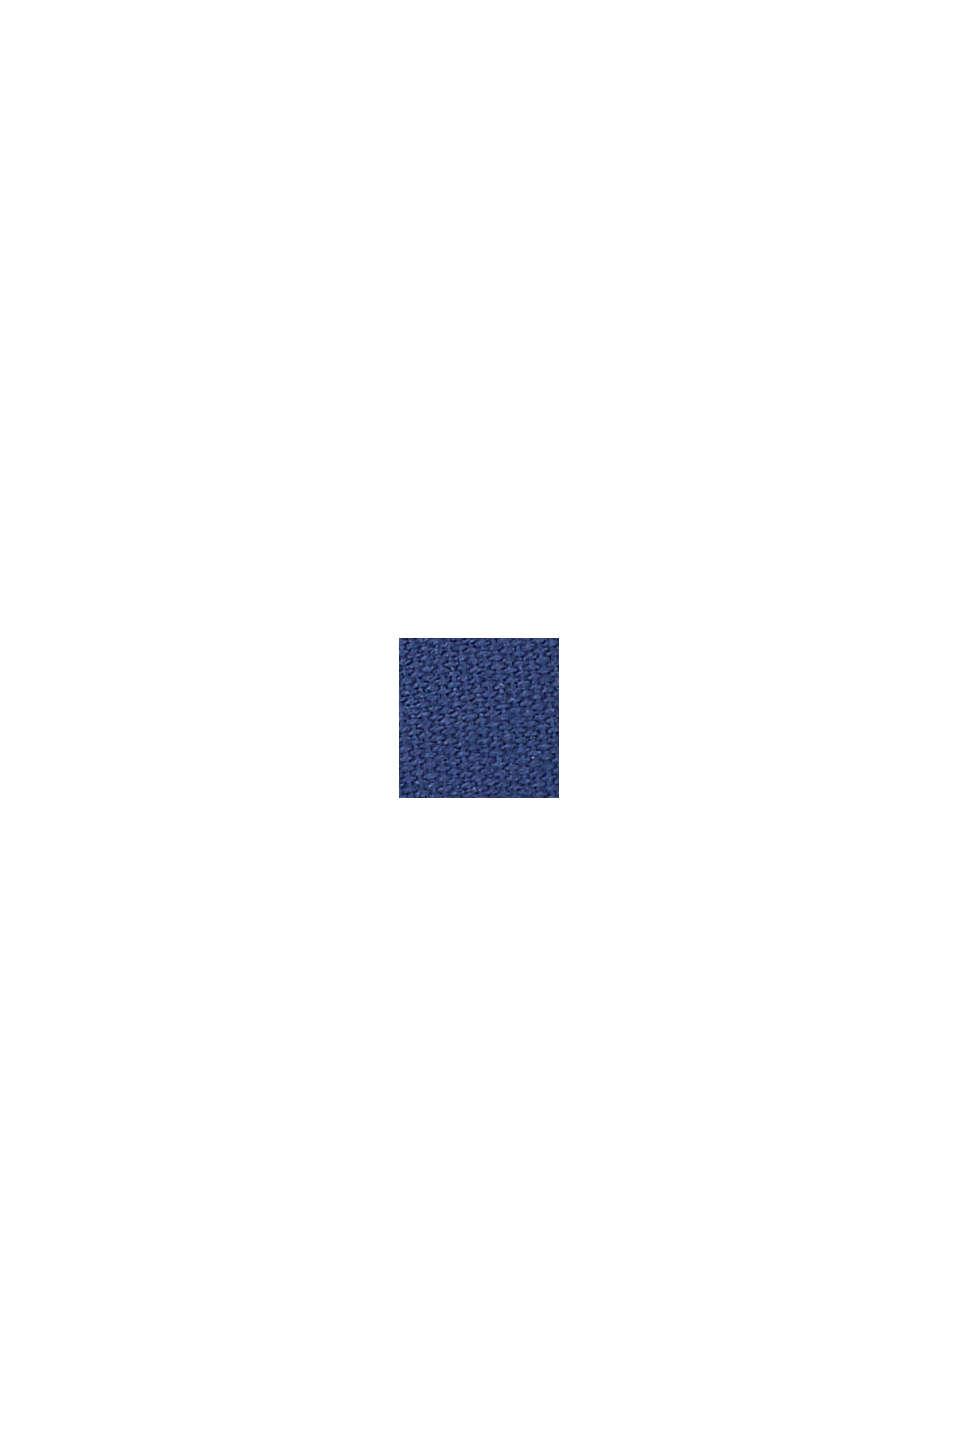 Sneakers en toile à semelle plateau, DARK BLUE, swatch